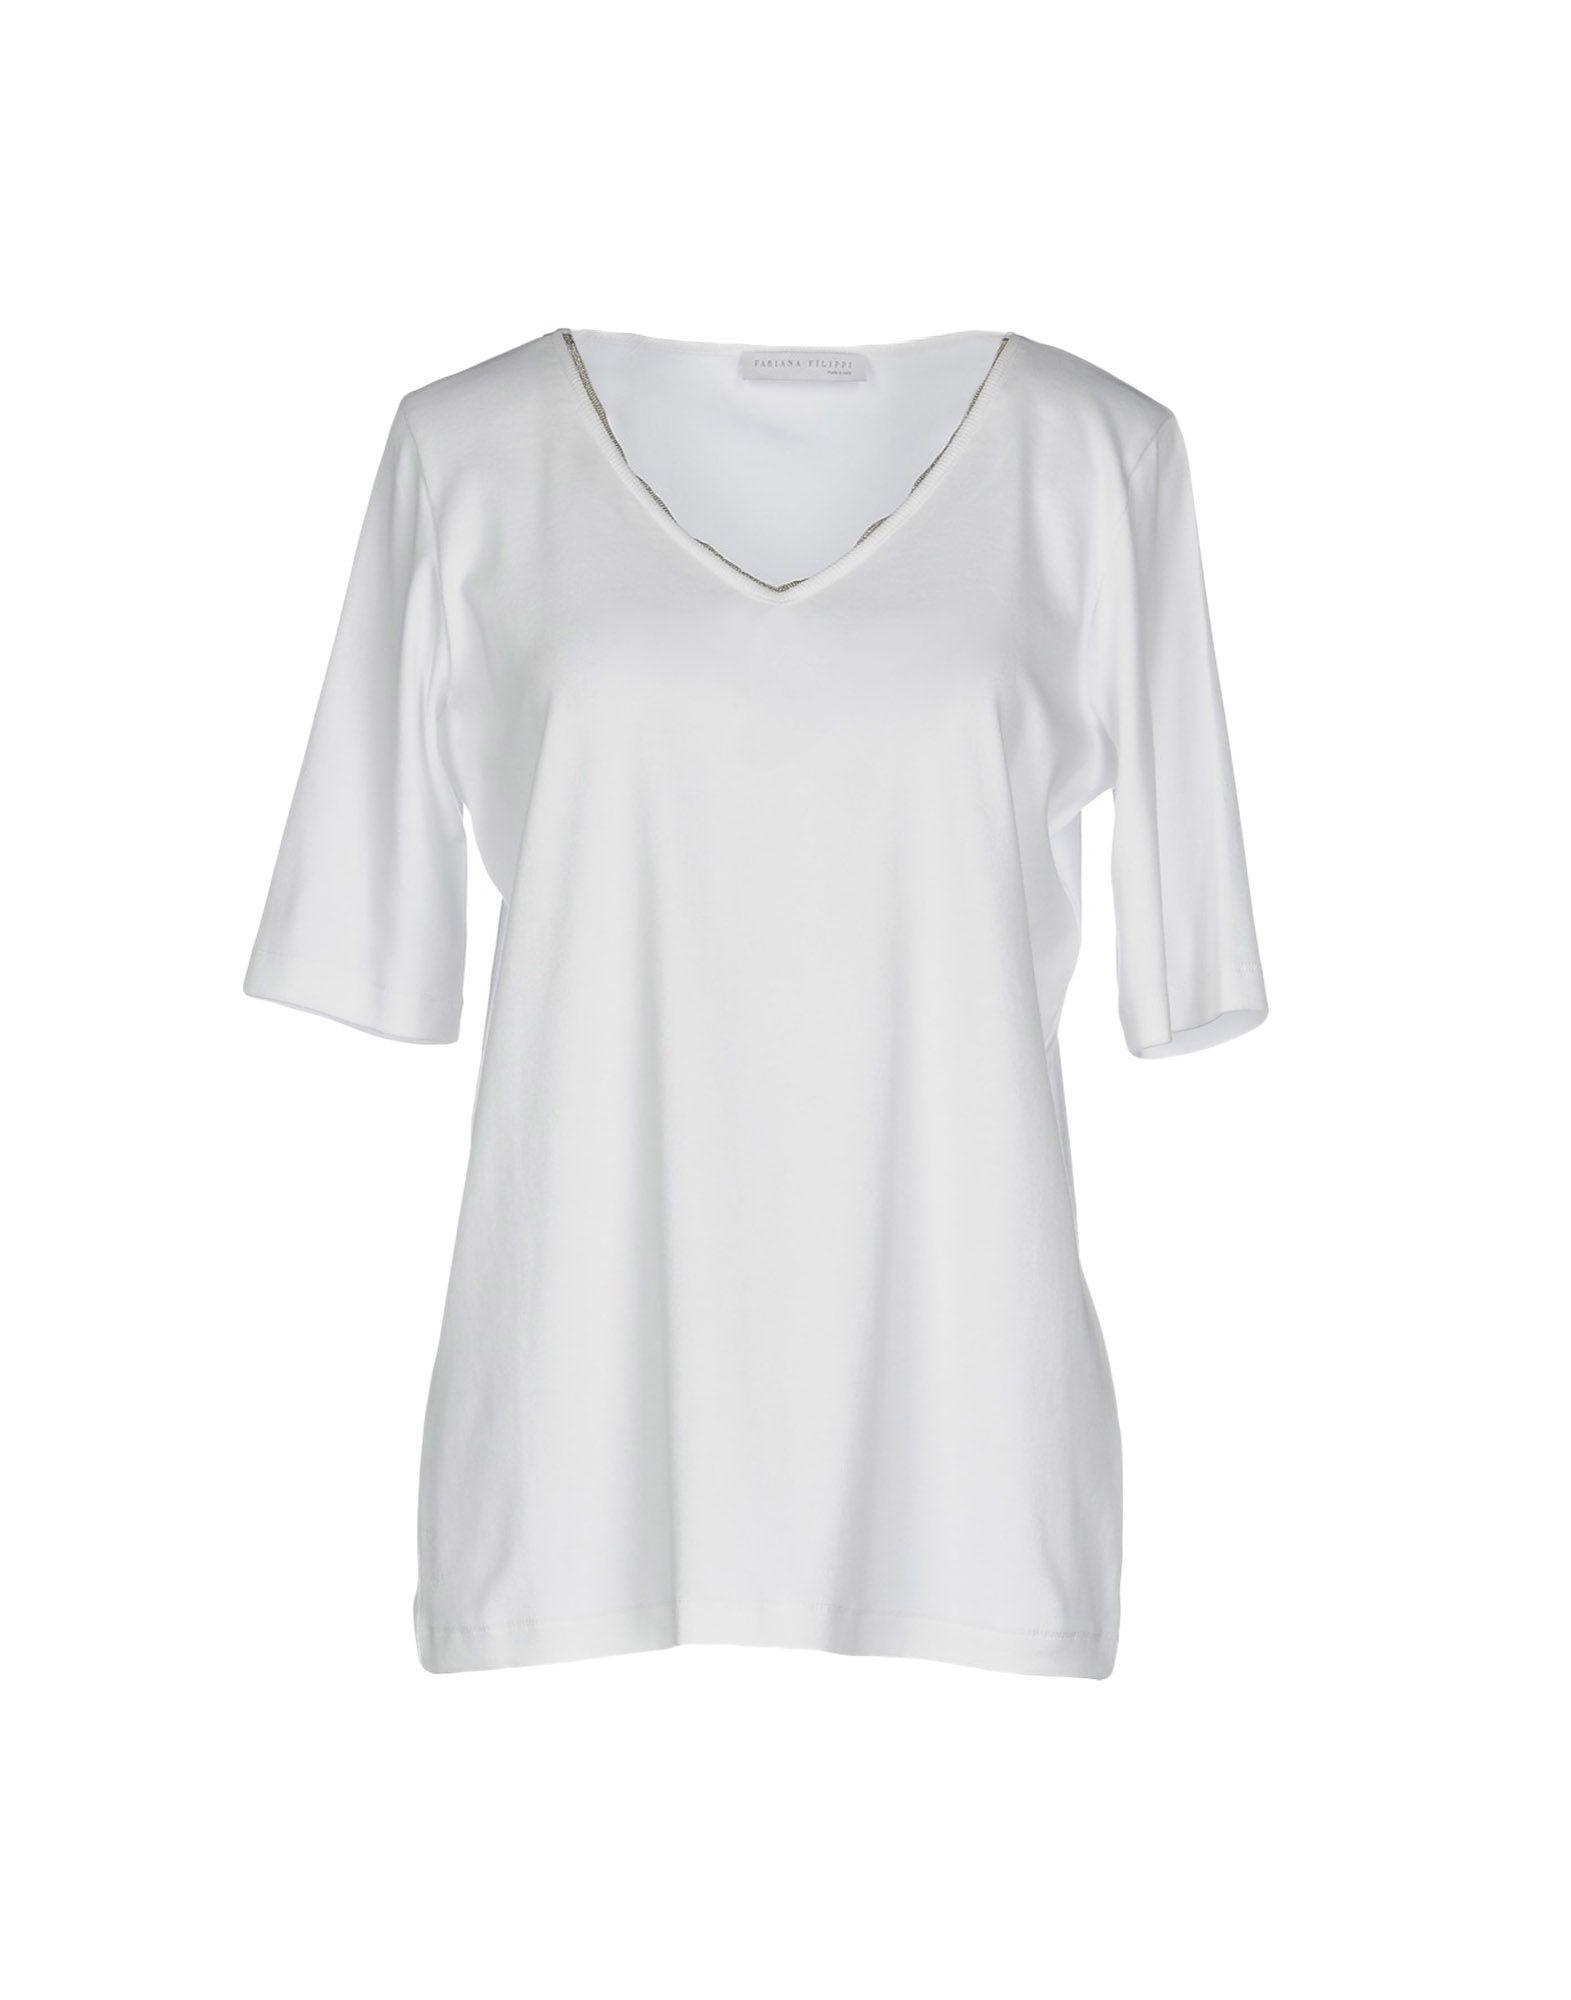 shirt Femme Les Achats En T FilippiSur Ligne Fabian qMVSzpU